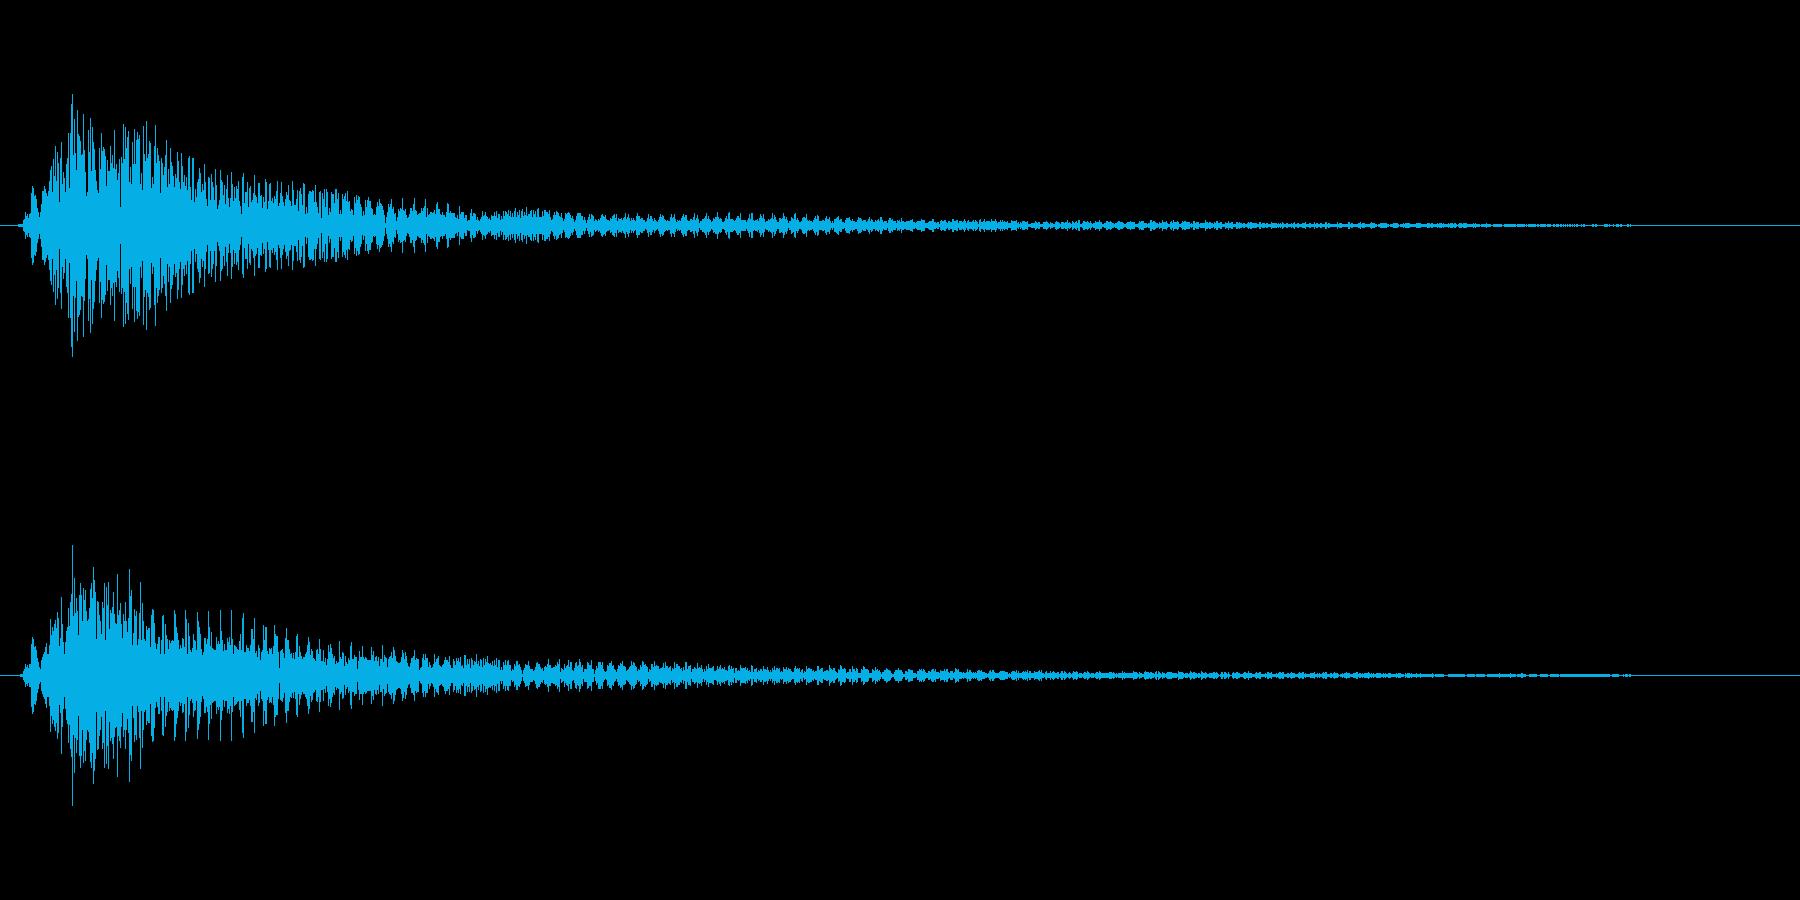 キューン(ベルのような音色)の再生済みの波形